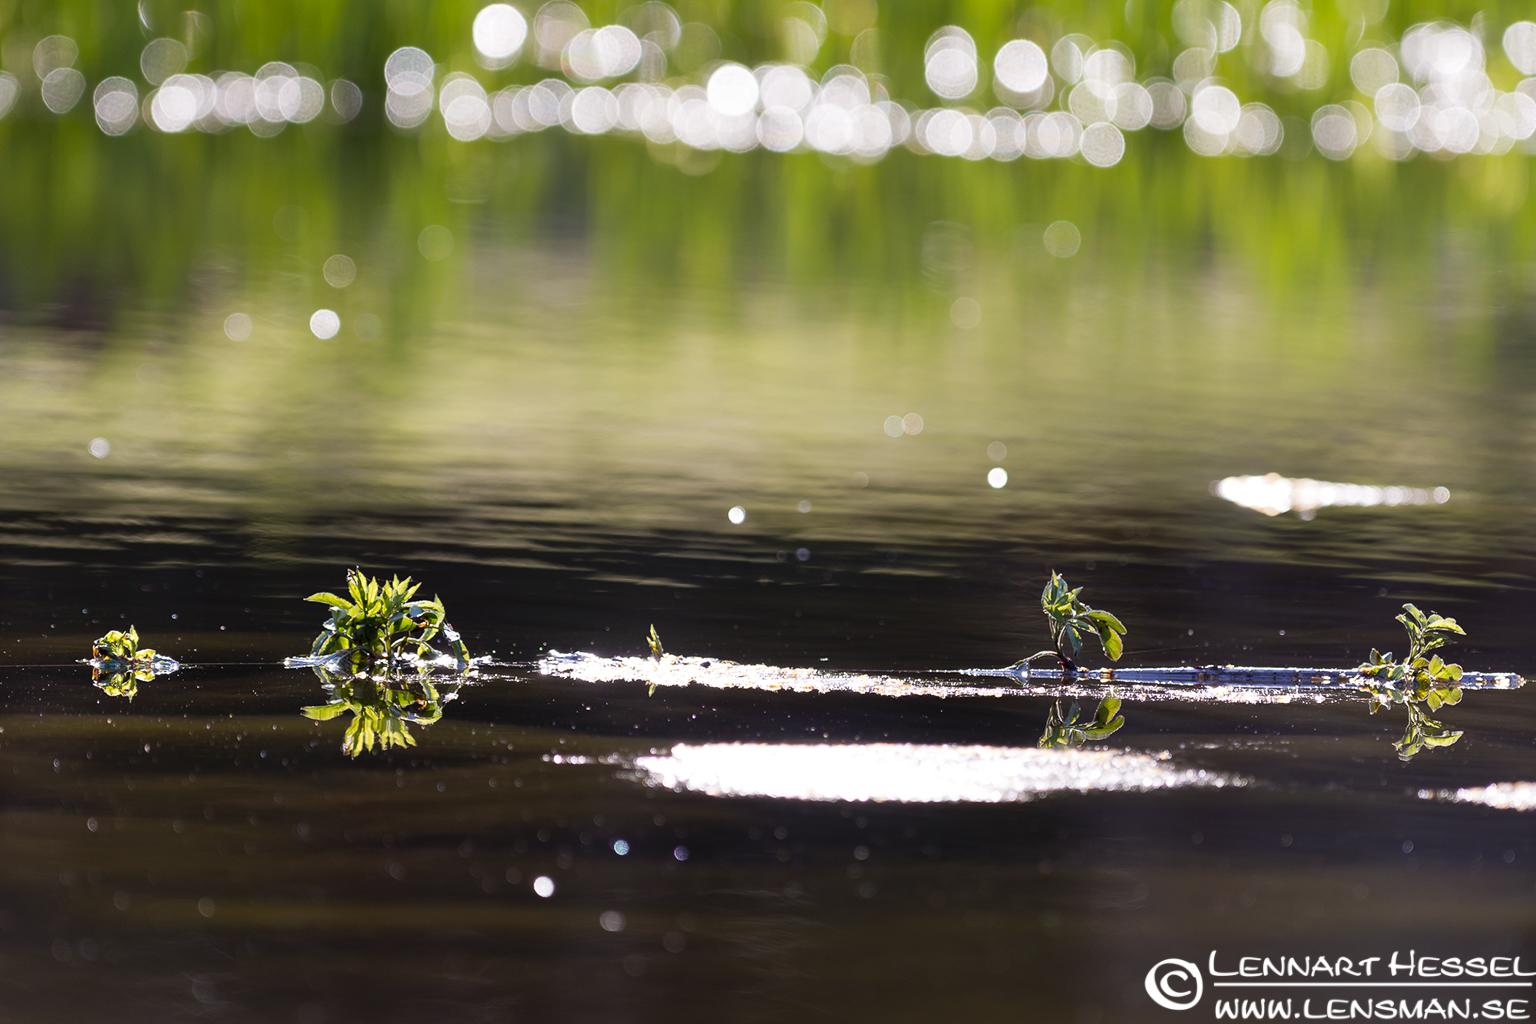 The small pond in Slottskogen, Gothenburg lucky shot